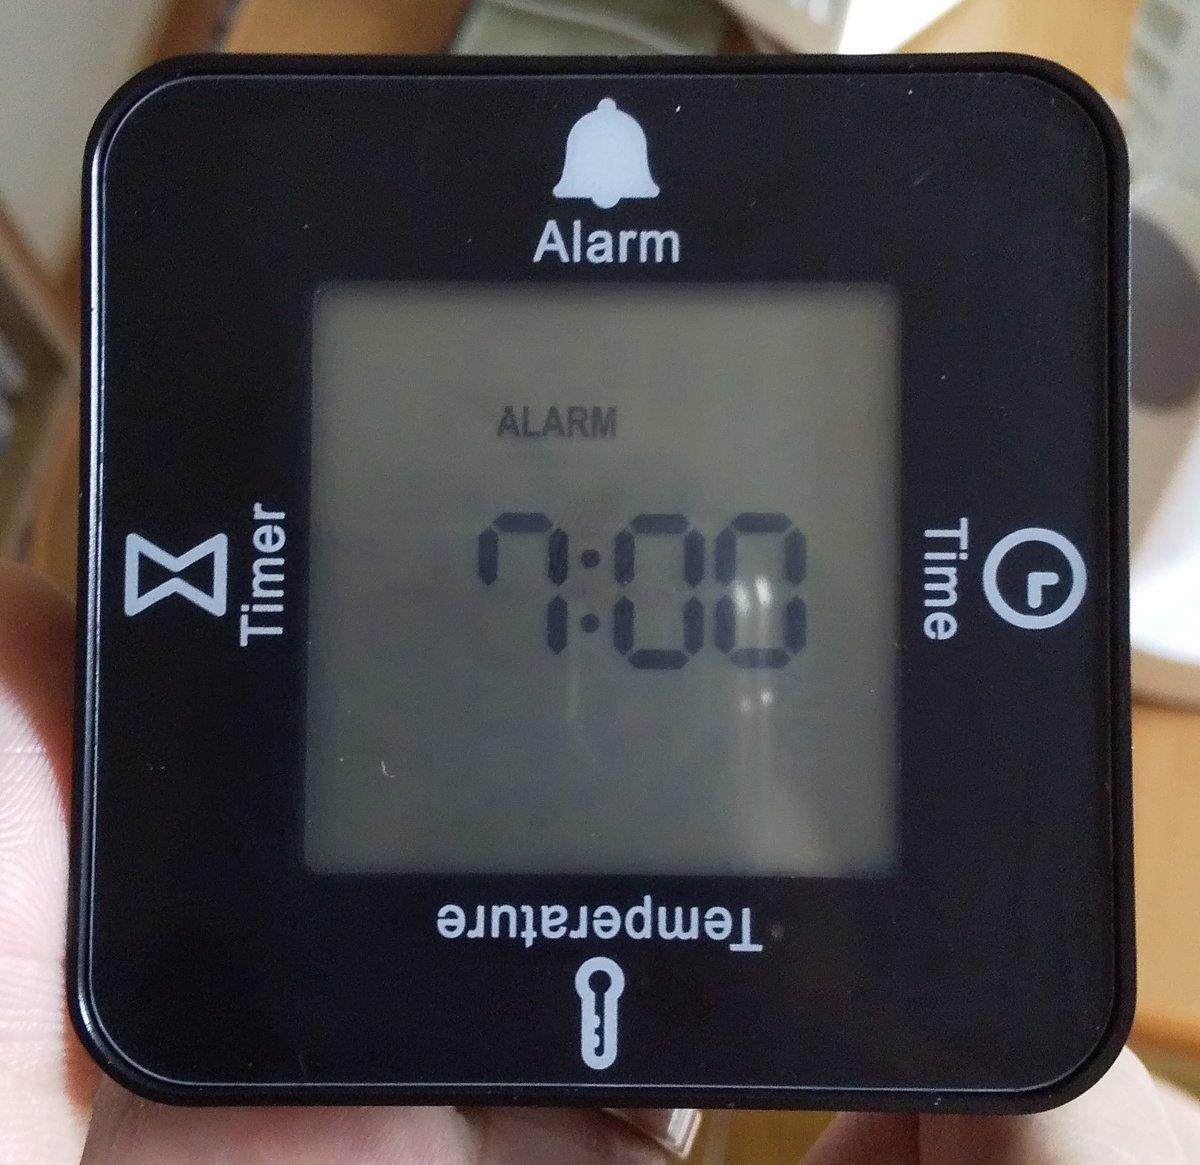 test ツイッターメディア - ネットで見つけたのダイソーで買ってきた。 時計、タイマー、アラーム、温度計があって向きを変えるだけでわかる。 これで200円はコスパ良し。 単4電池2本いるけど。 #ダイソー #DAISO https://t.co/YJObp80ihI